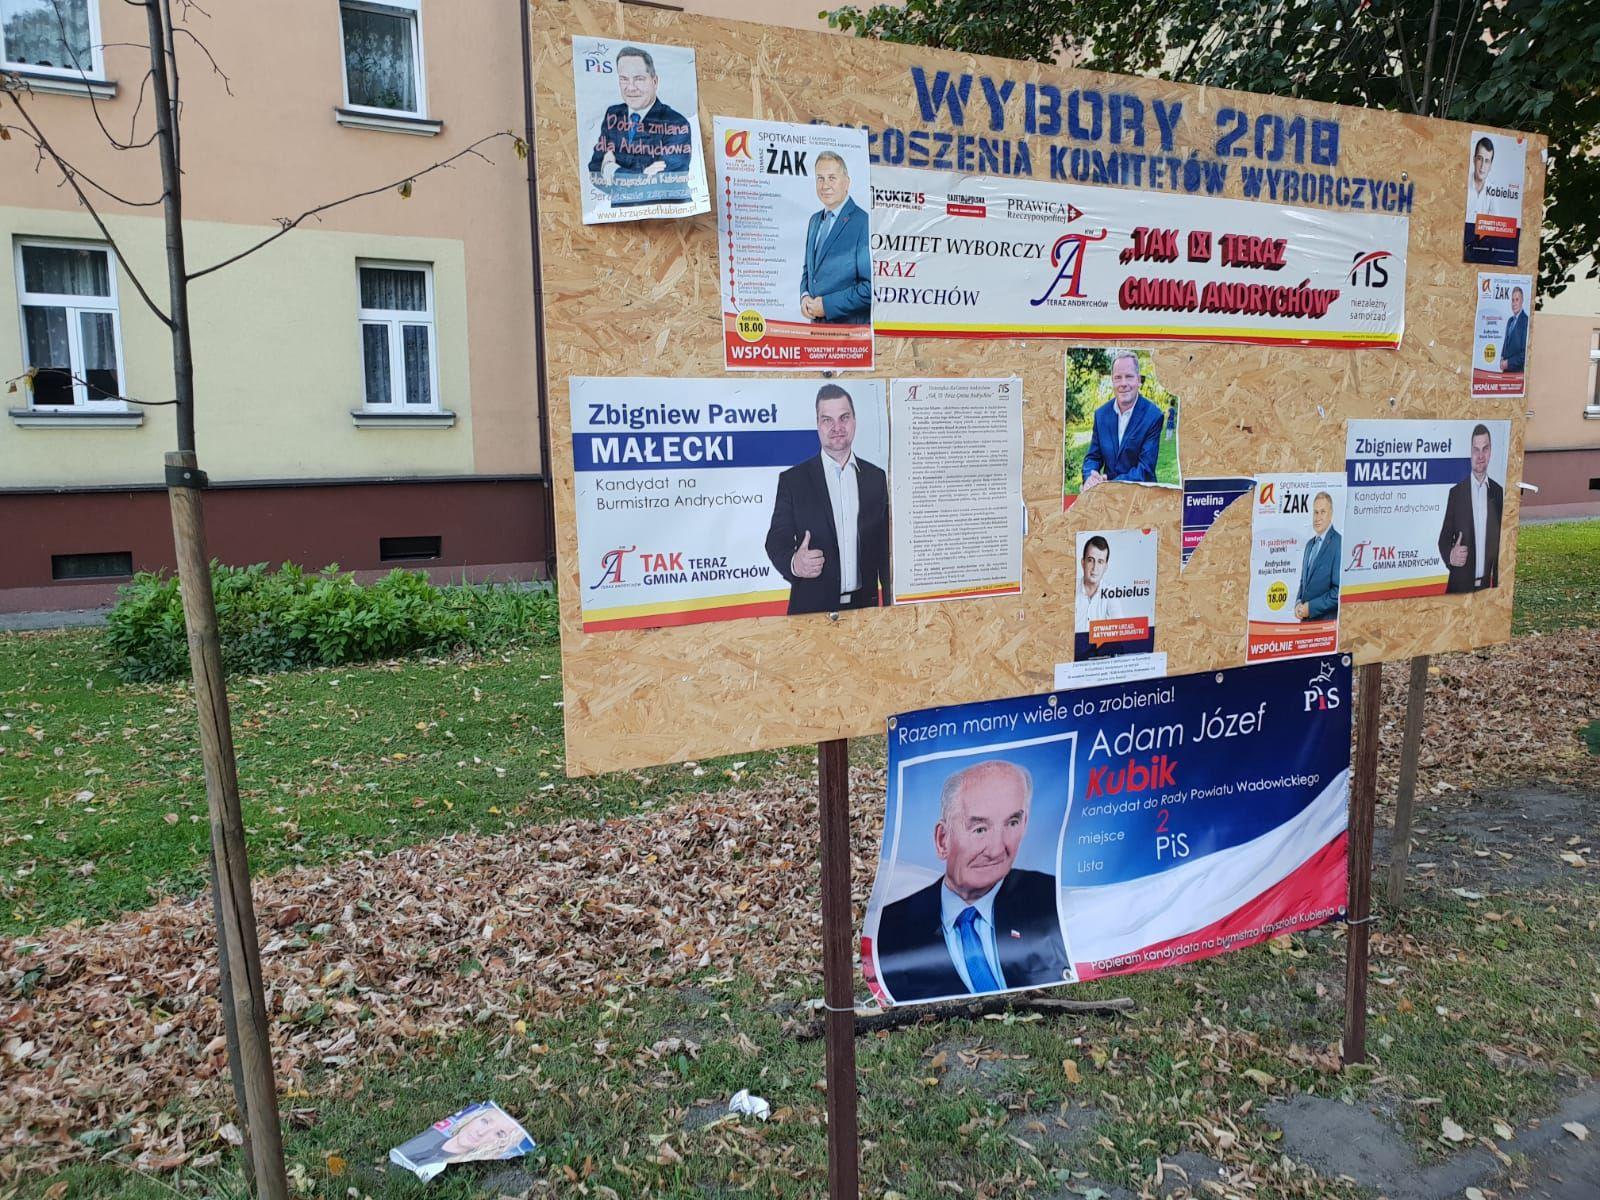 Kto na burmistrza, kto na wójta? Lista kandydatów